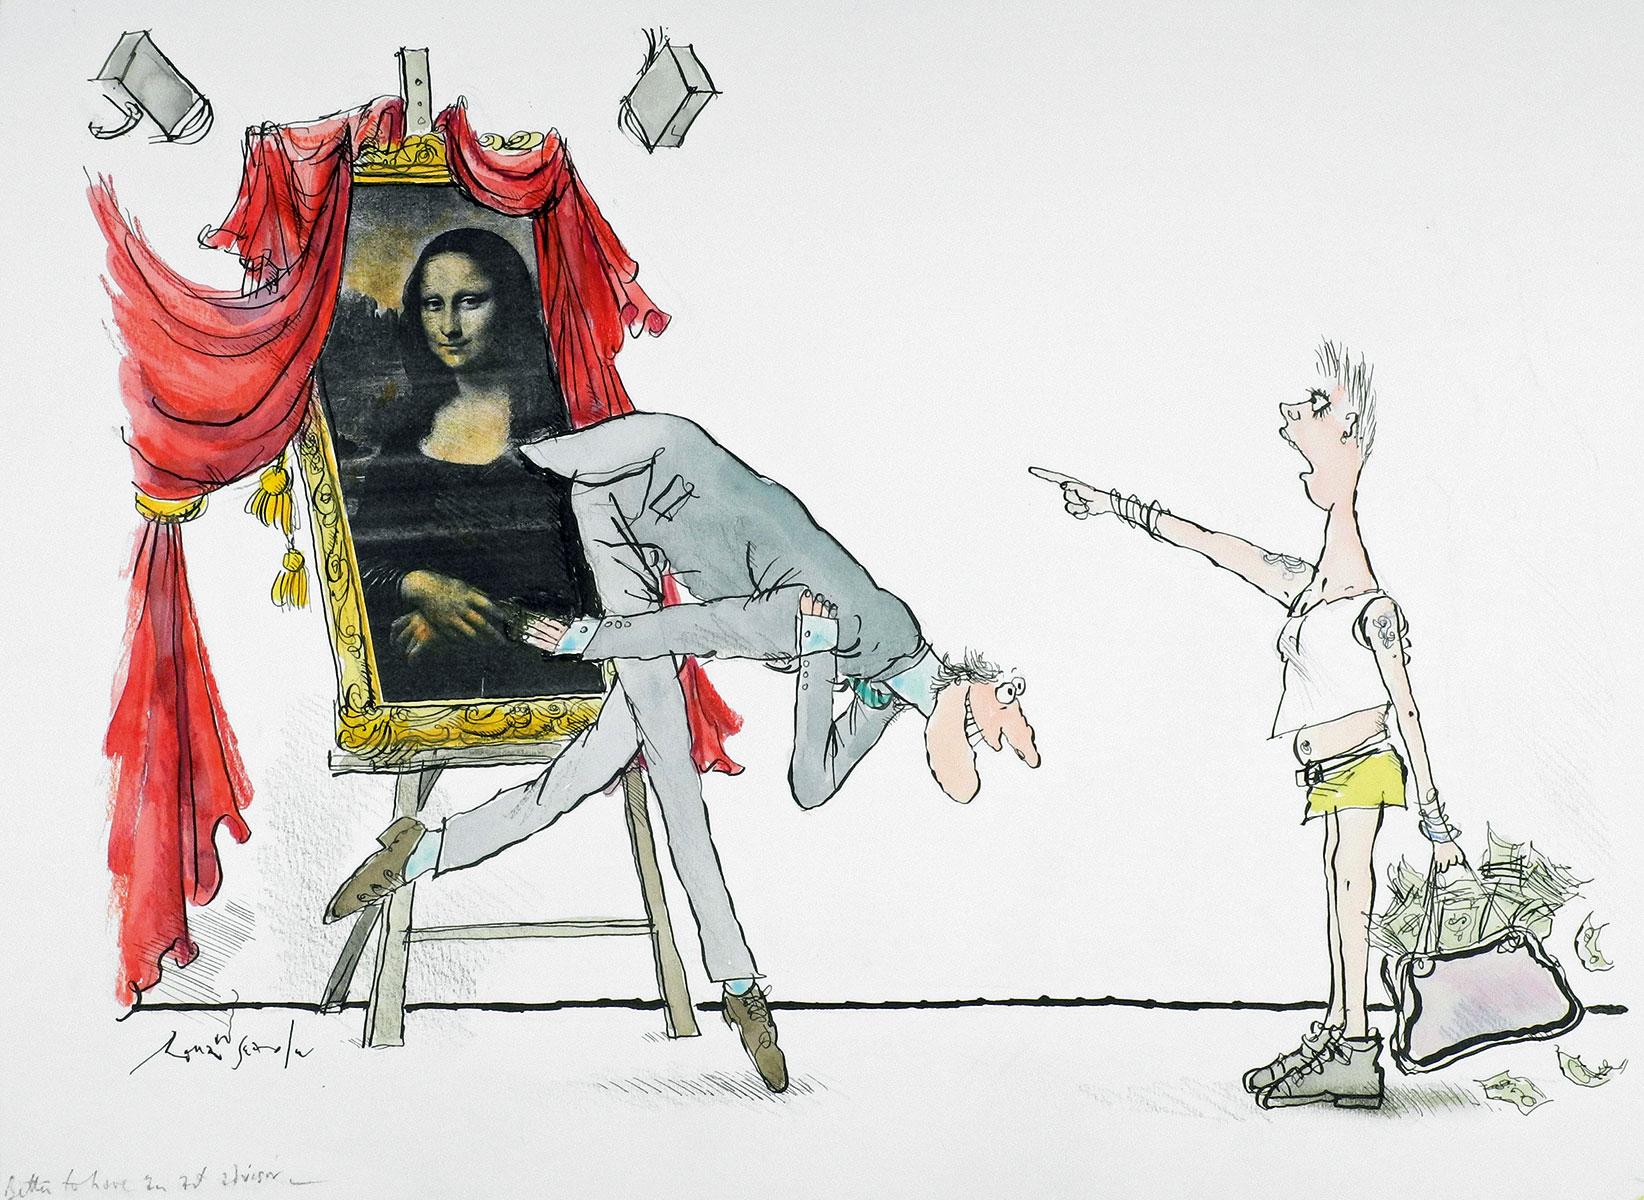 Ronald Searle, Better to have an art advisor –, 2003, 32,4×44,6 cm; Wilhelm Busch – Deutsches Museum für Karikatur und Zeichenkunst, Hannover © The Ronald Searle Cultural Trust / Archiv der Wilhelm-Busch-Gesellschaft e. V.